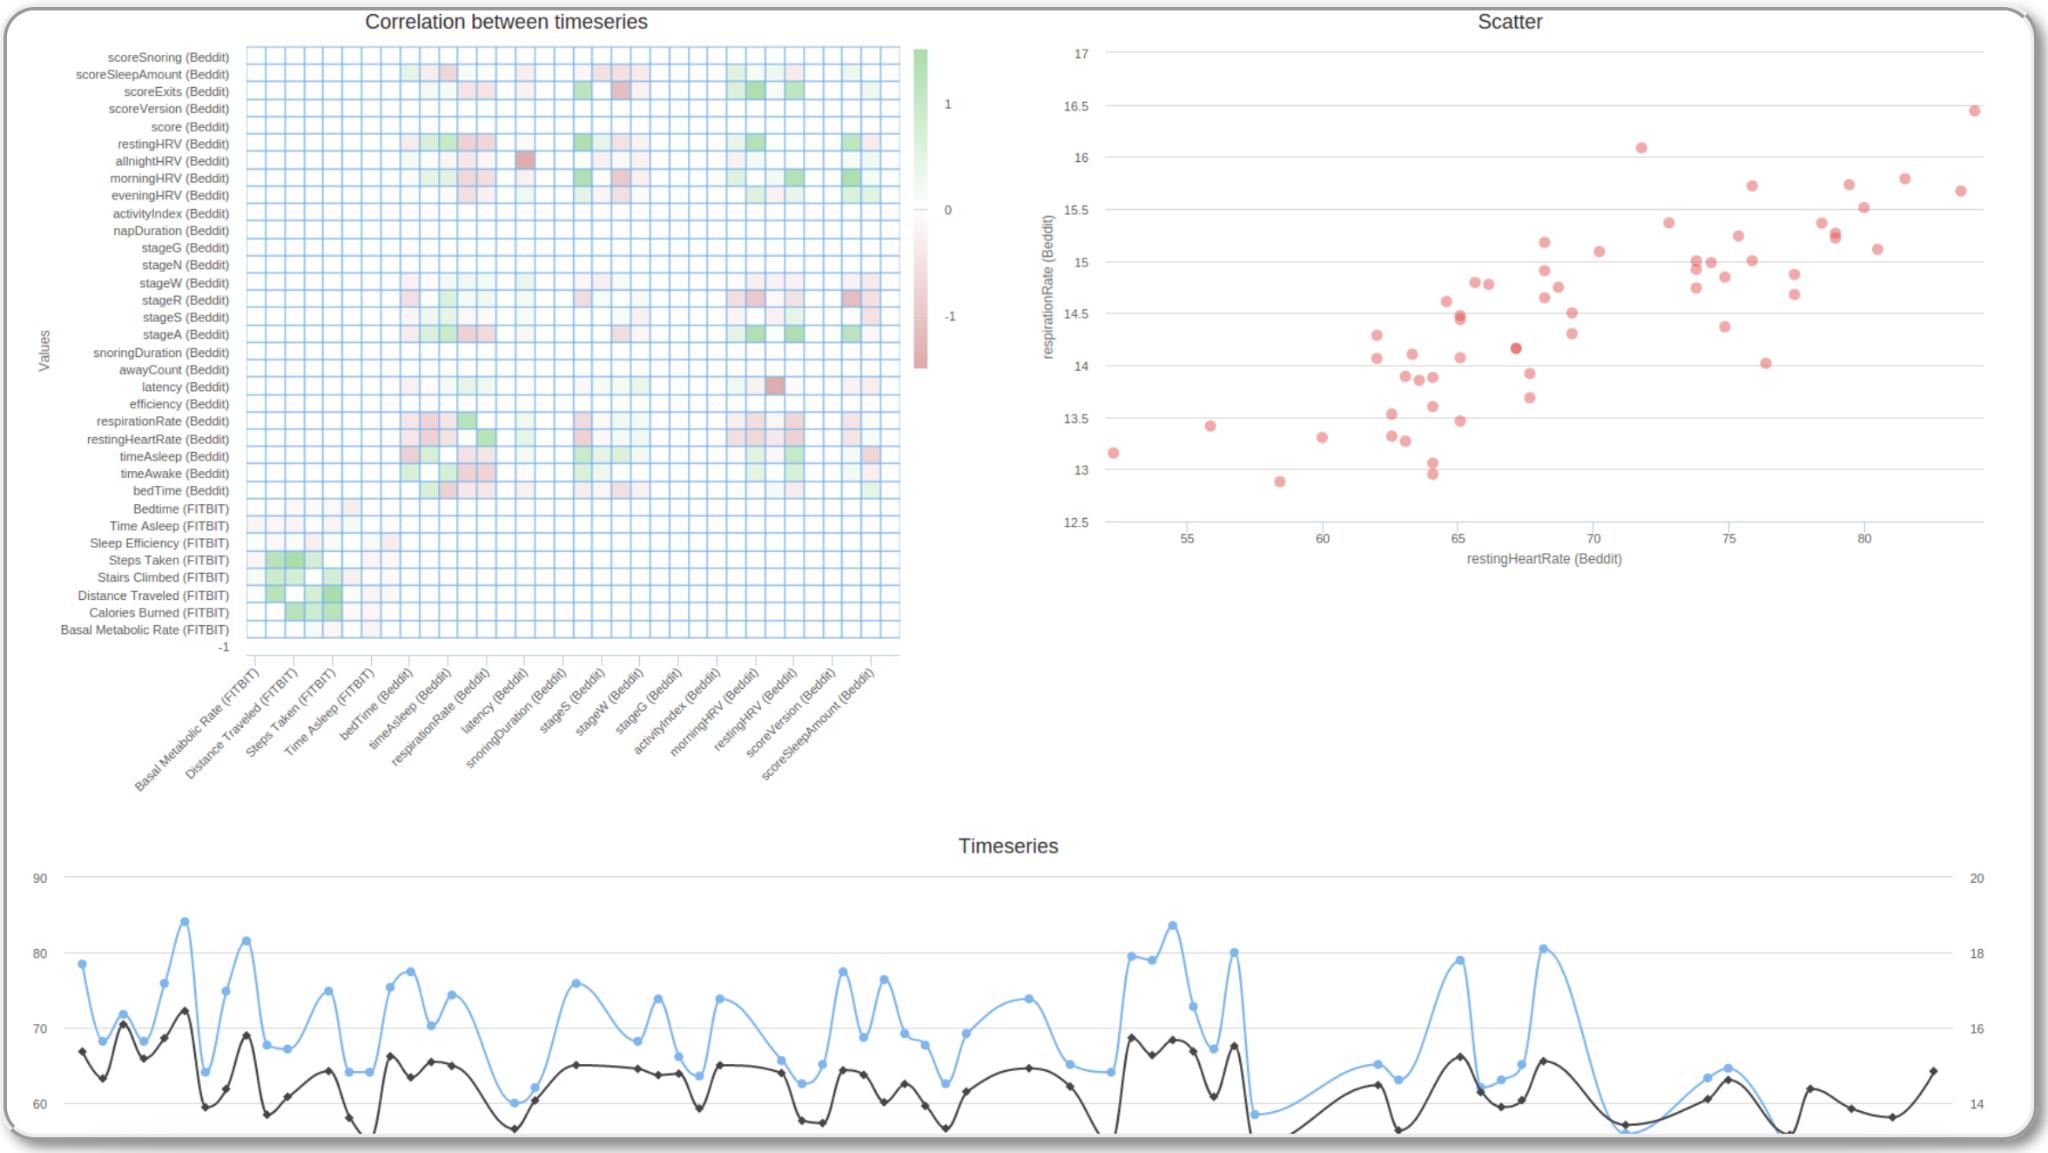 Infinome fitness tracker correlated data